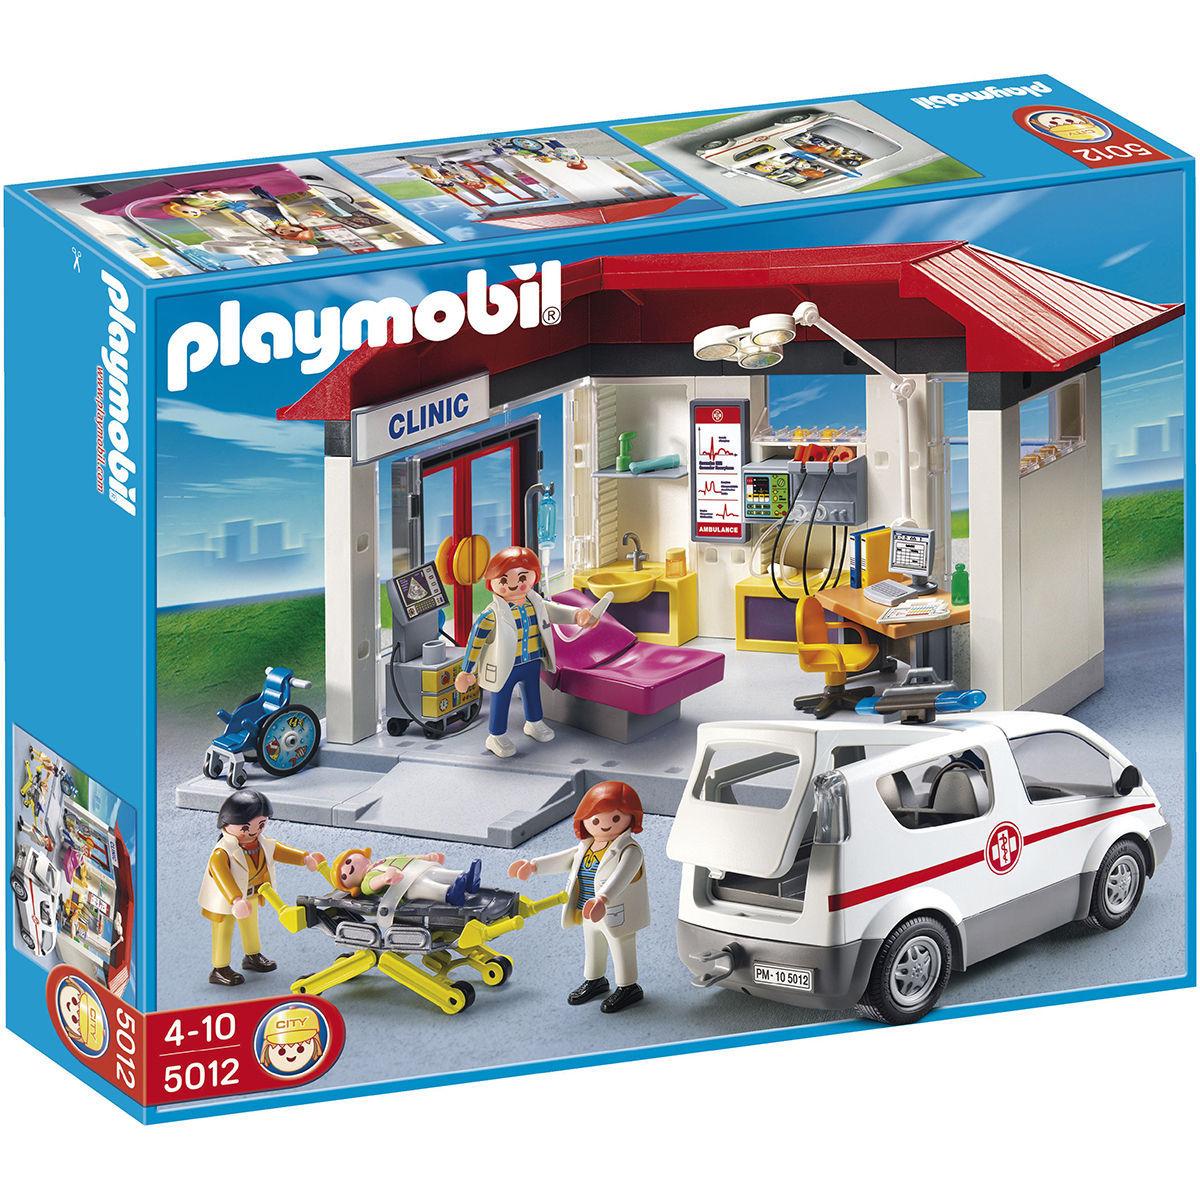 Playmobil Ambulanz mit Krankenwagen (5012)